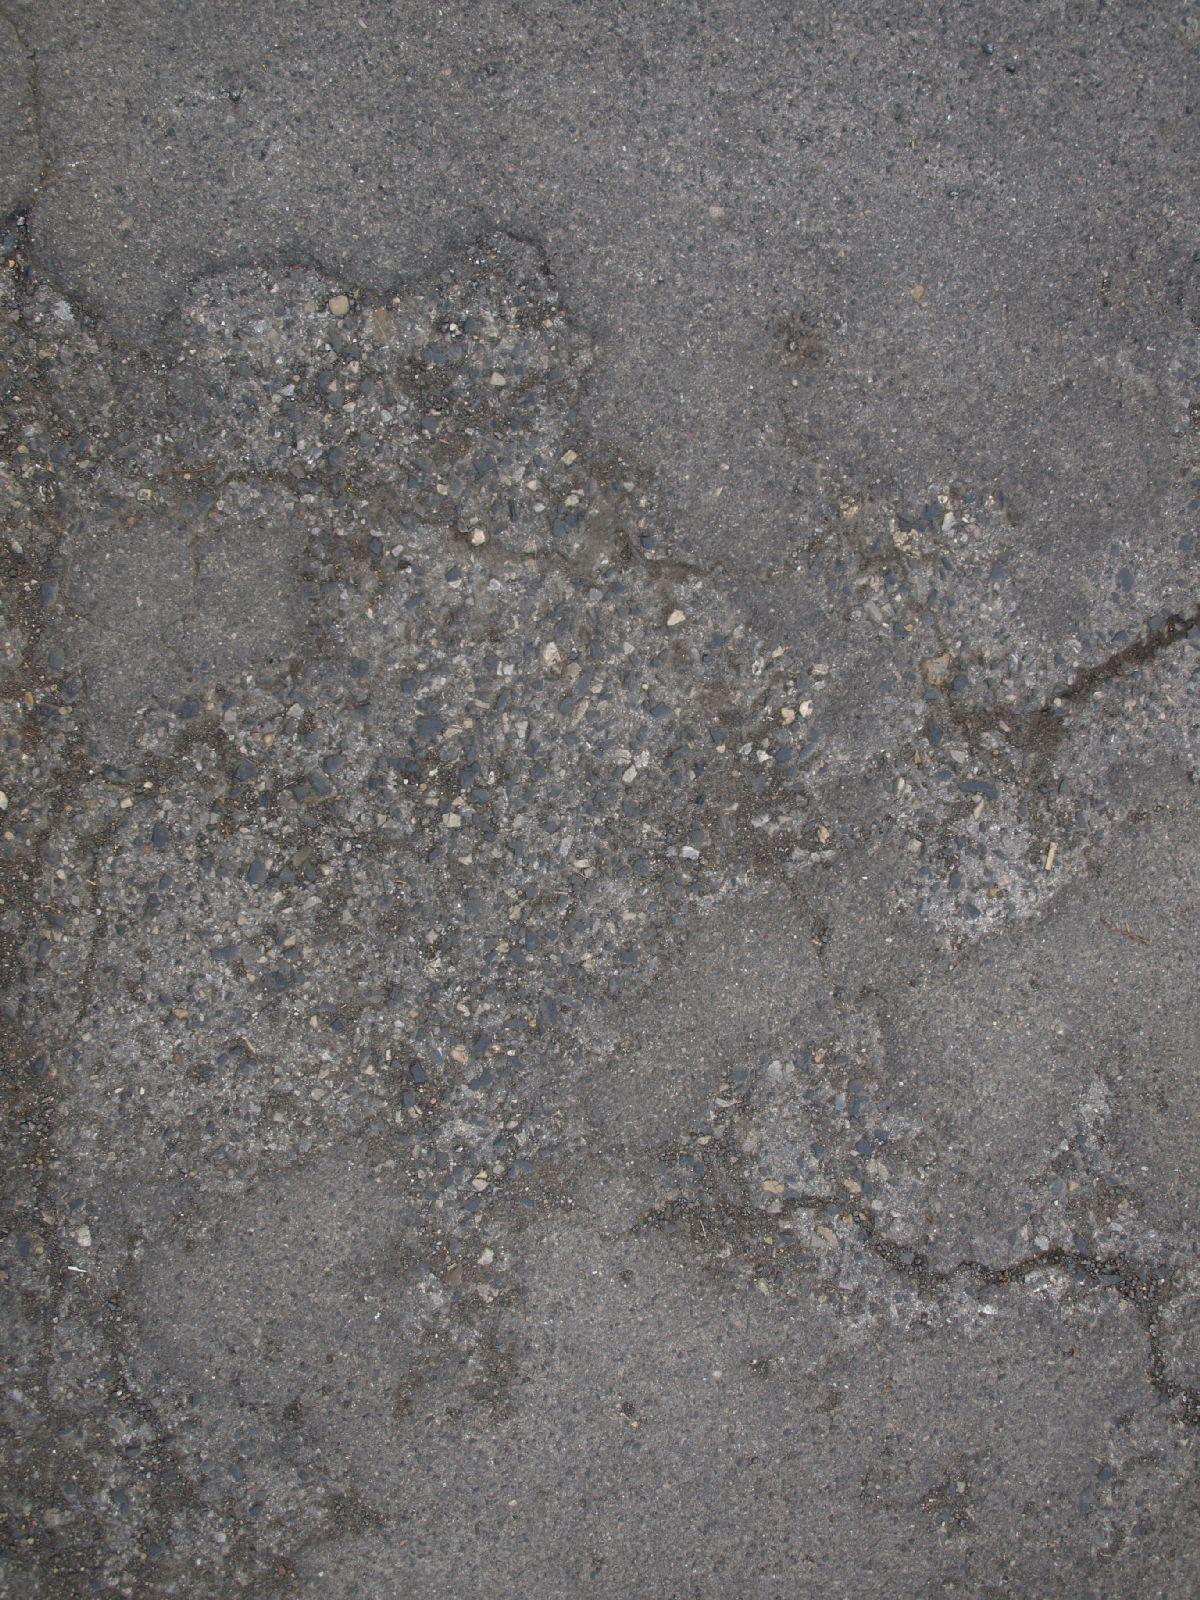 Ground-Urban_Texture_A_P4120980